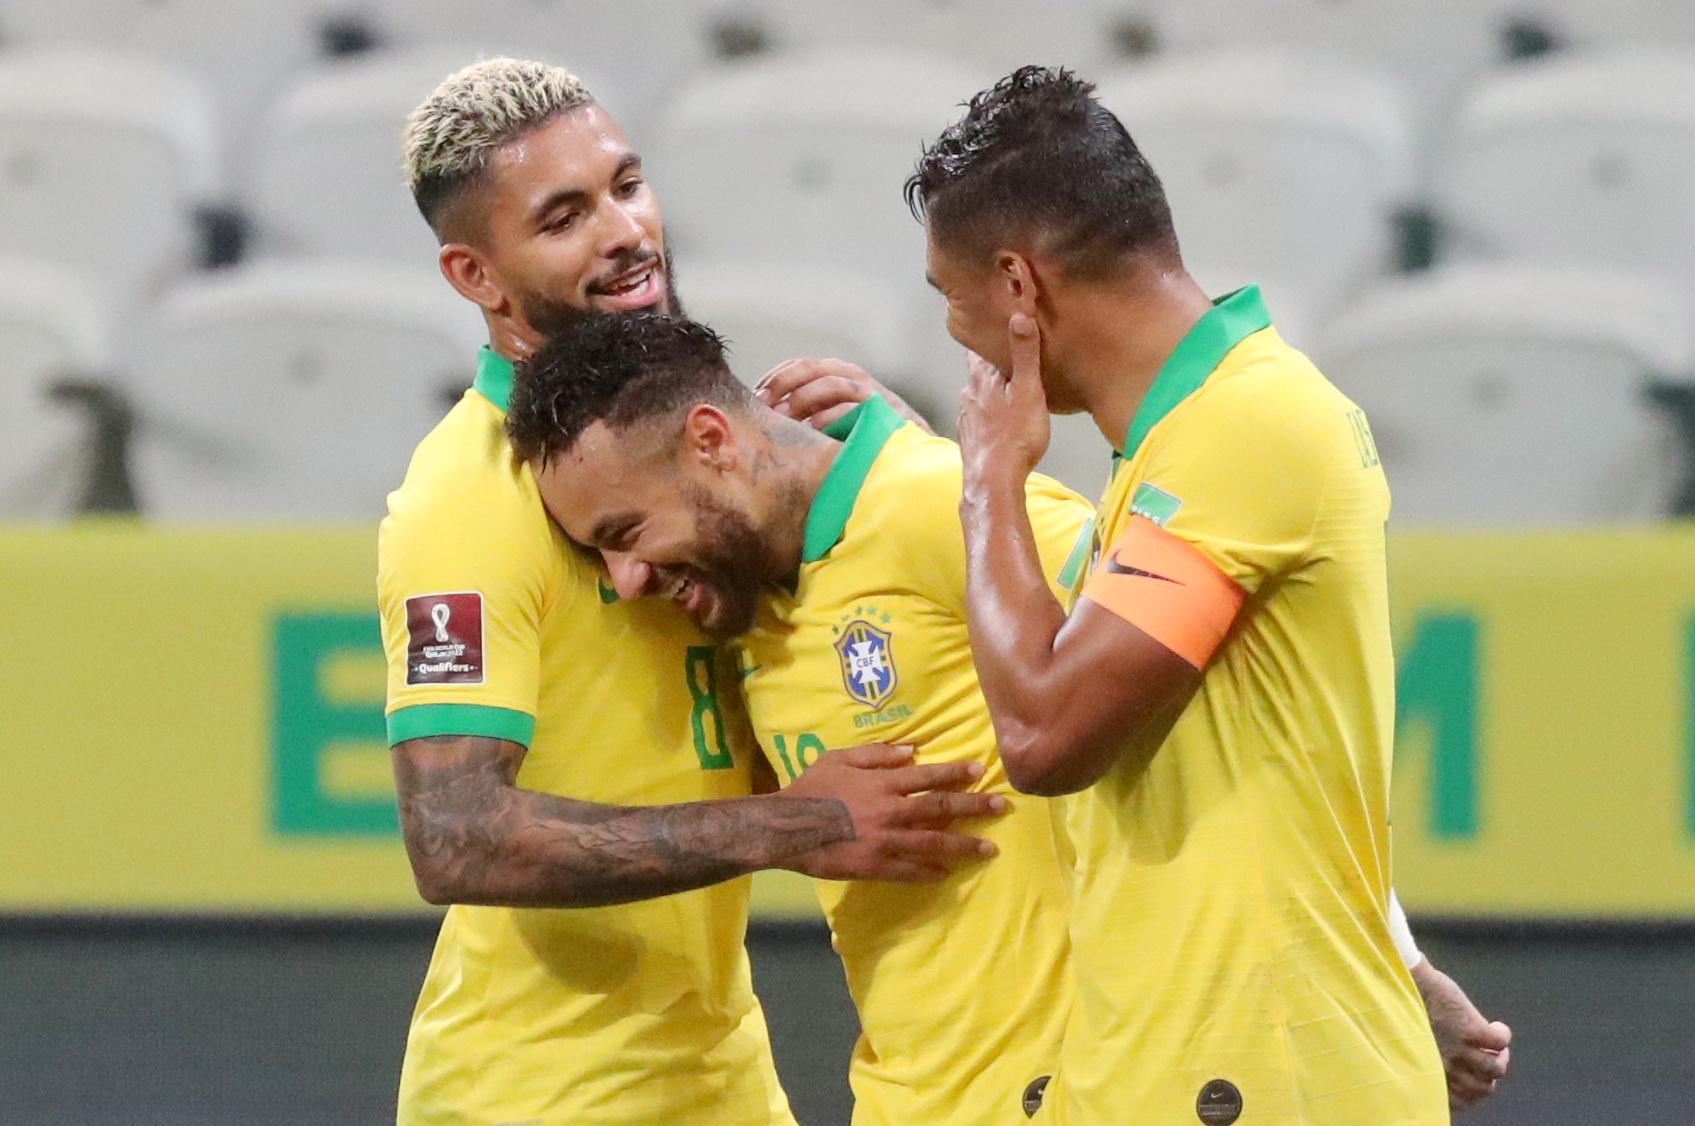 """Προκριματικά Μουντιάλ: Ο Φιρμίνιο """"λύτρωσε"""" την Βραζιλία και την έστειλε στην κορυφή (videos)"""